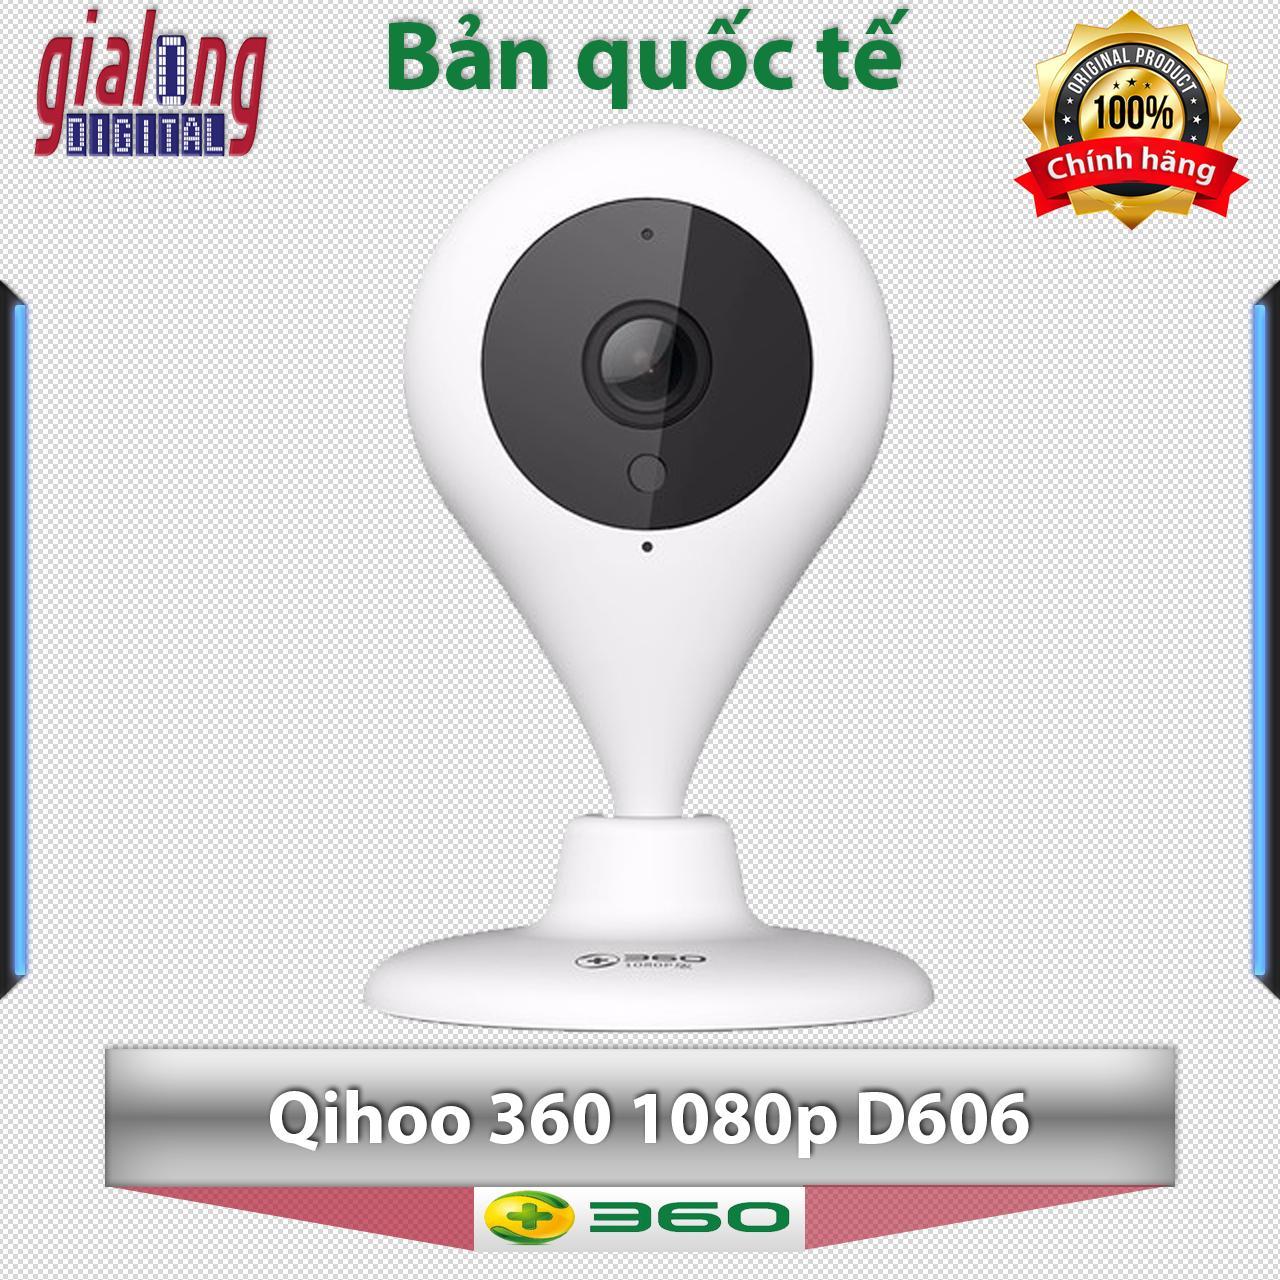 Mua Camera Giam Sat Khong Day Wifi Qihoo 360 1080P Phien Bản Quốc Tế Qihoo 360 Nguyên